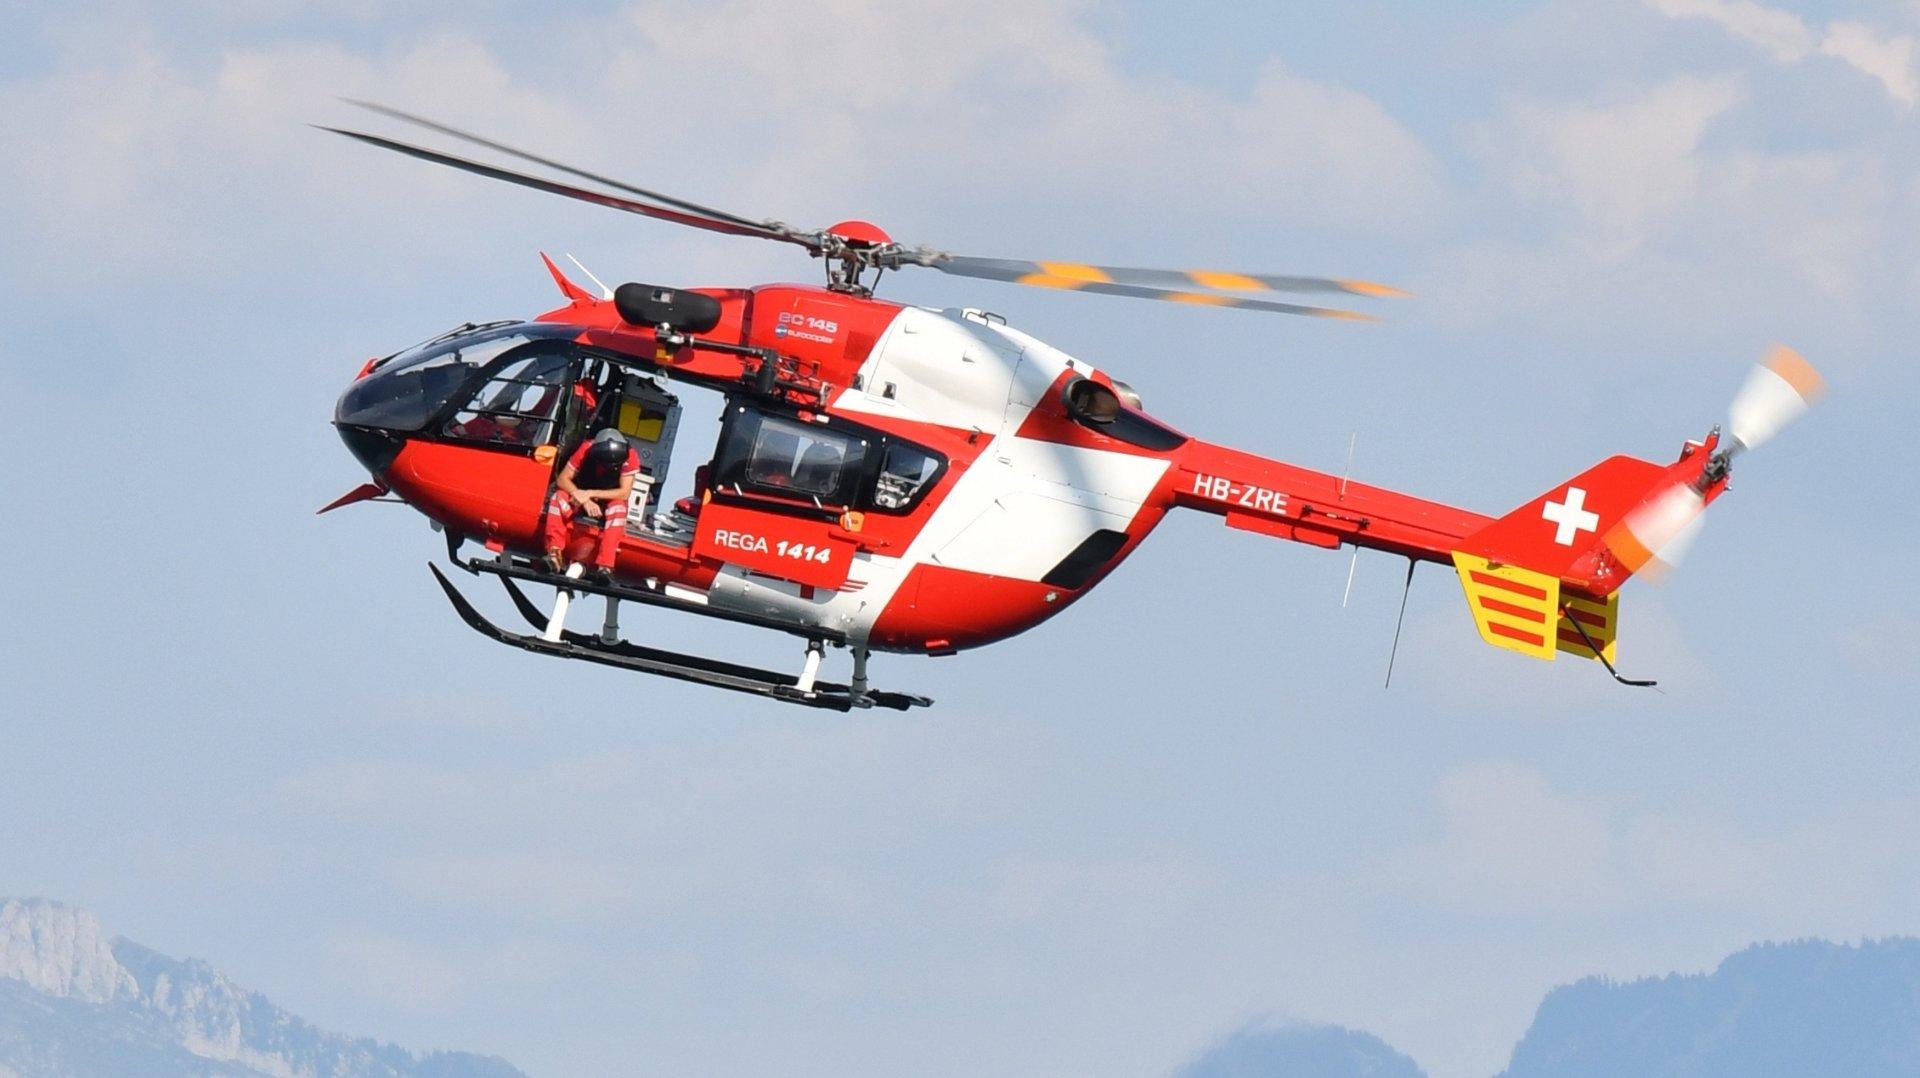 La Chaux-de-Fonds: un cycliste gravement blessé a été héliporté